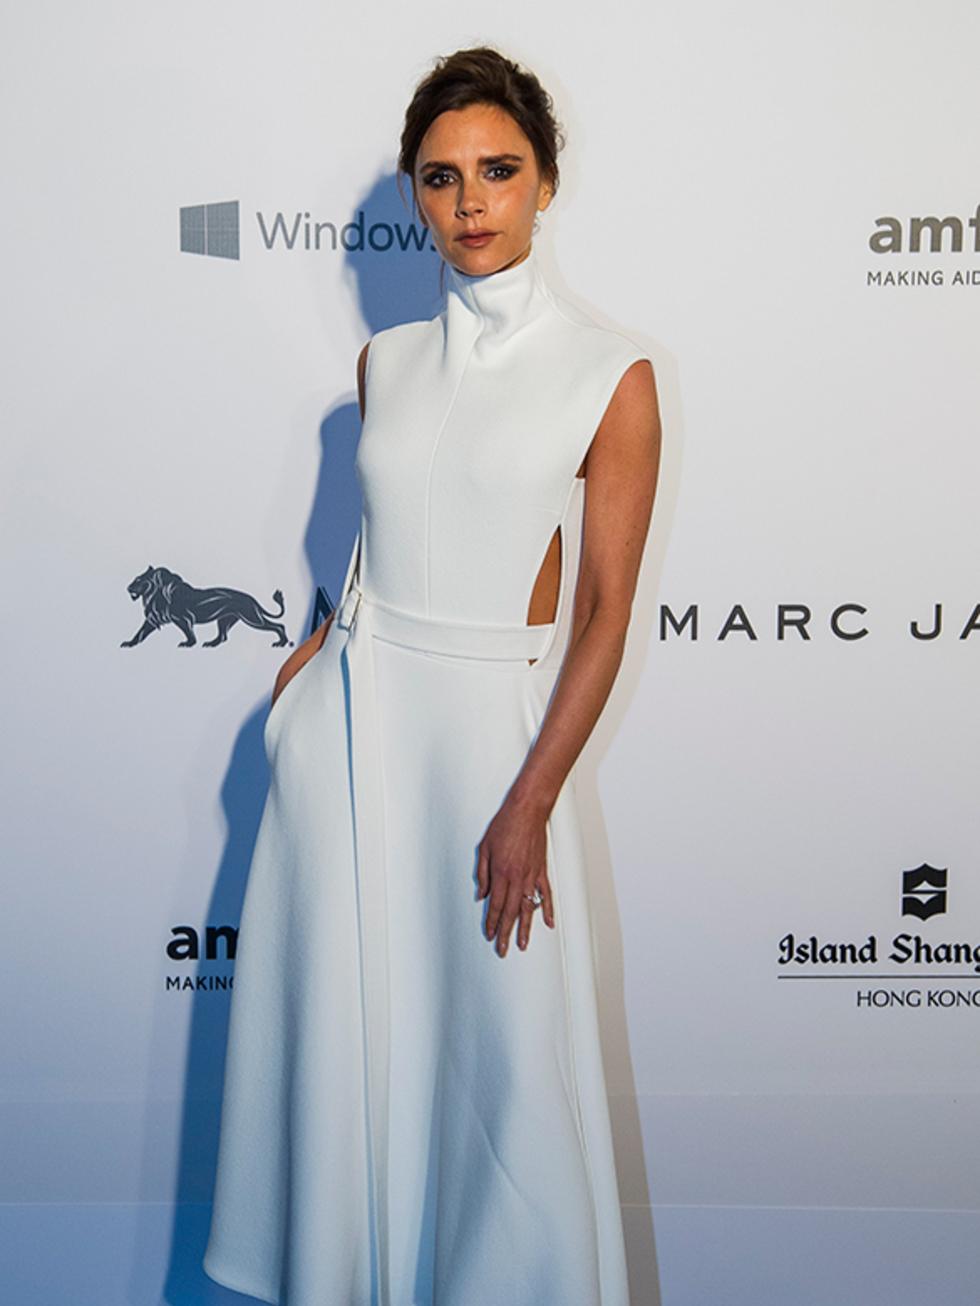 Découvrez 9 célébrités qui ont lancé leur propre marque de vêtements